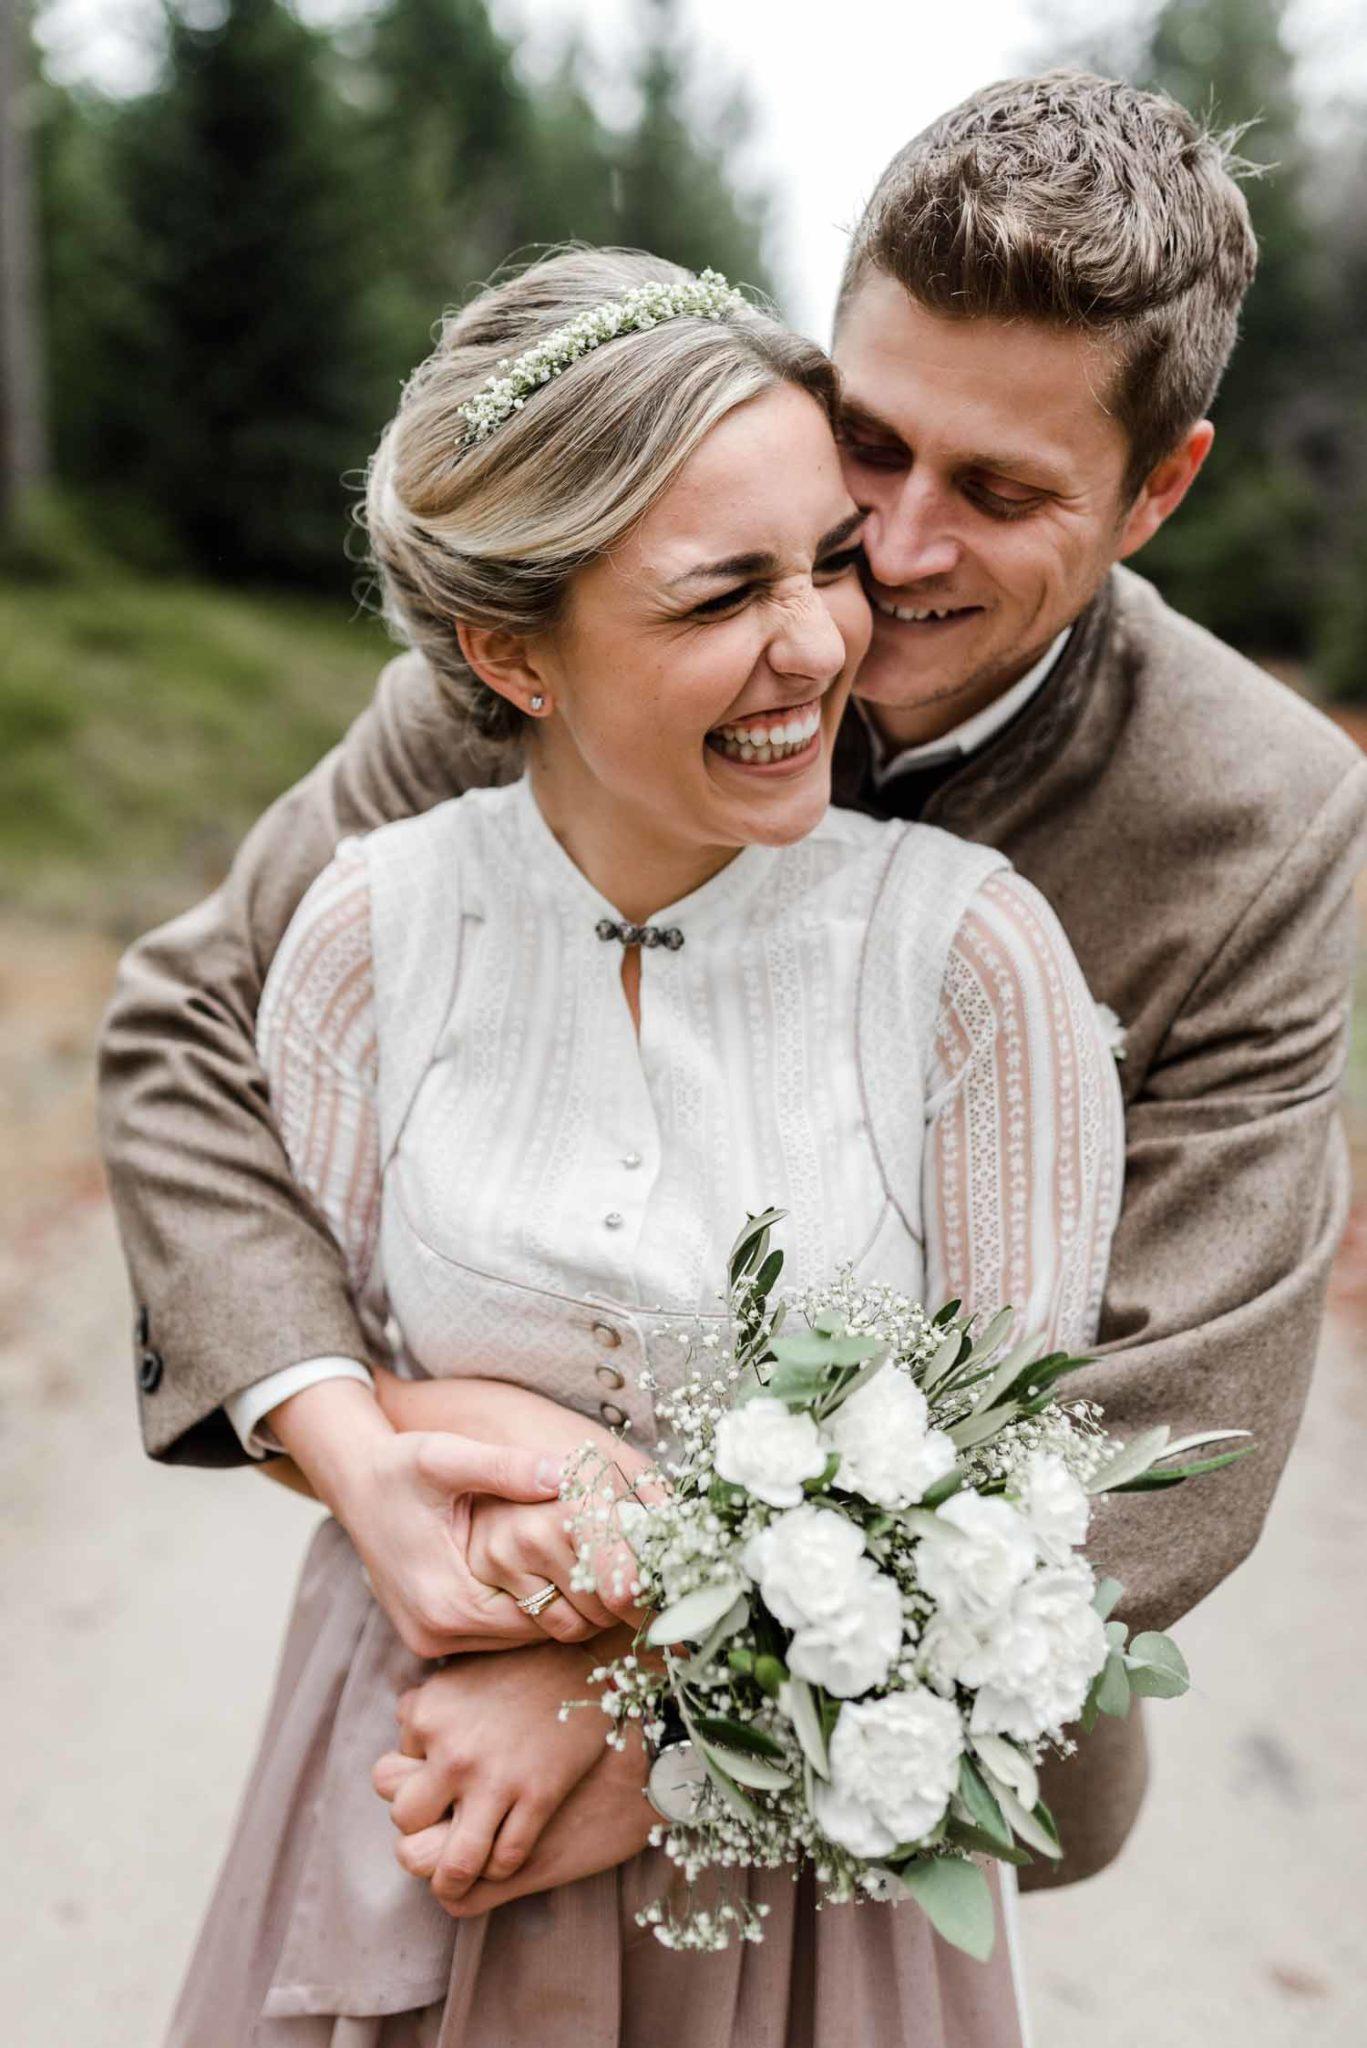 Standesamtliche Hochzeit Deggendorf in Tracht, fotografiert im bayerischen Wald an der Rusel von Veronika Anna Fotografie.